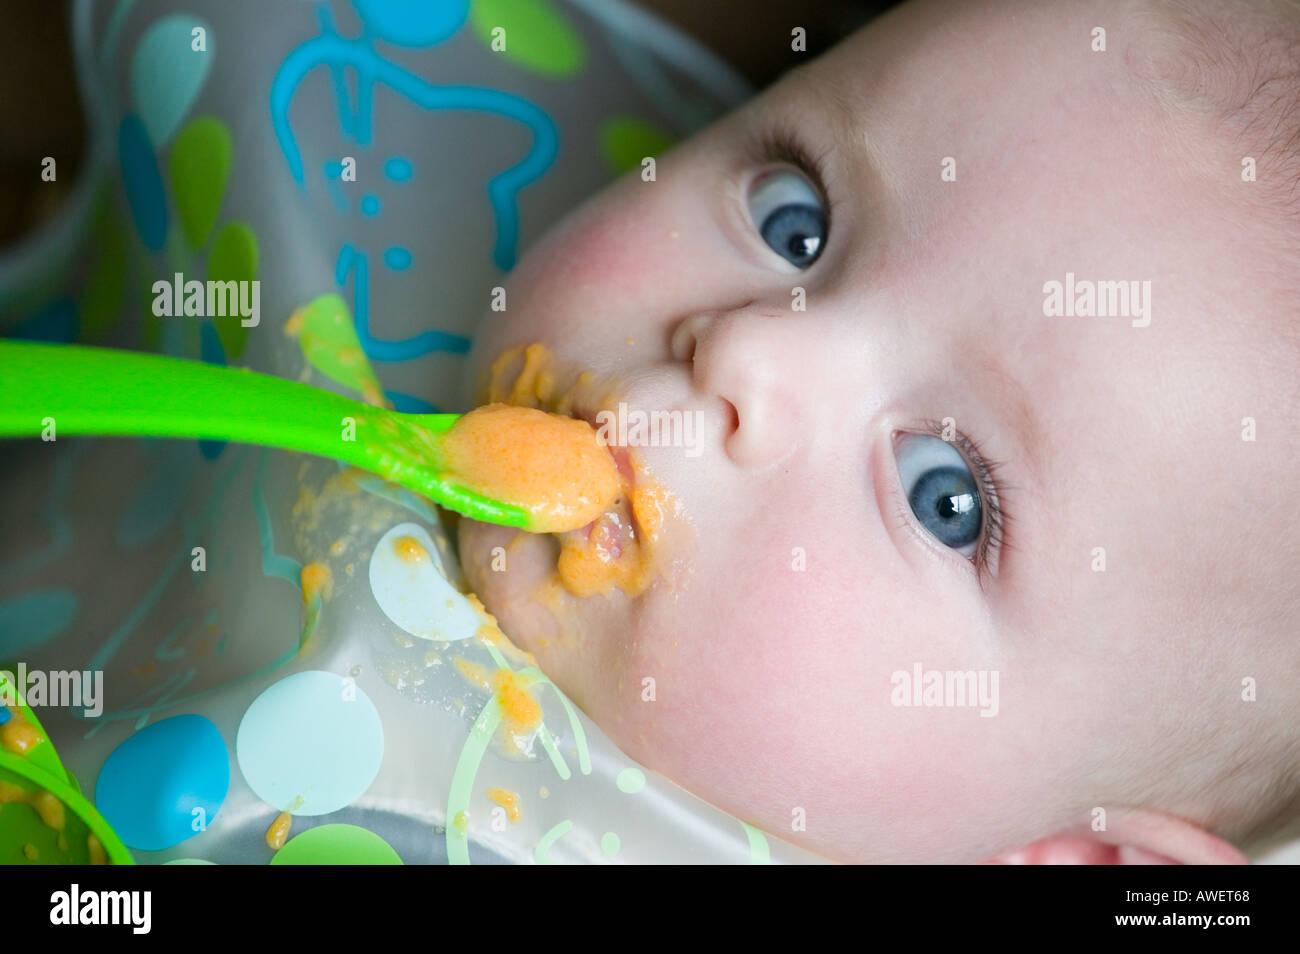 Un mese ffive old baby boy tenta cibo solido per la prima volta Immagini Stock